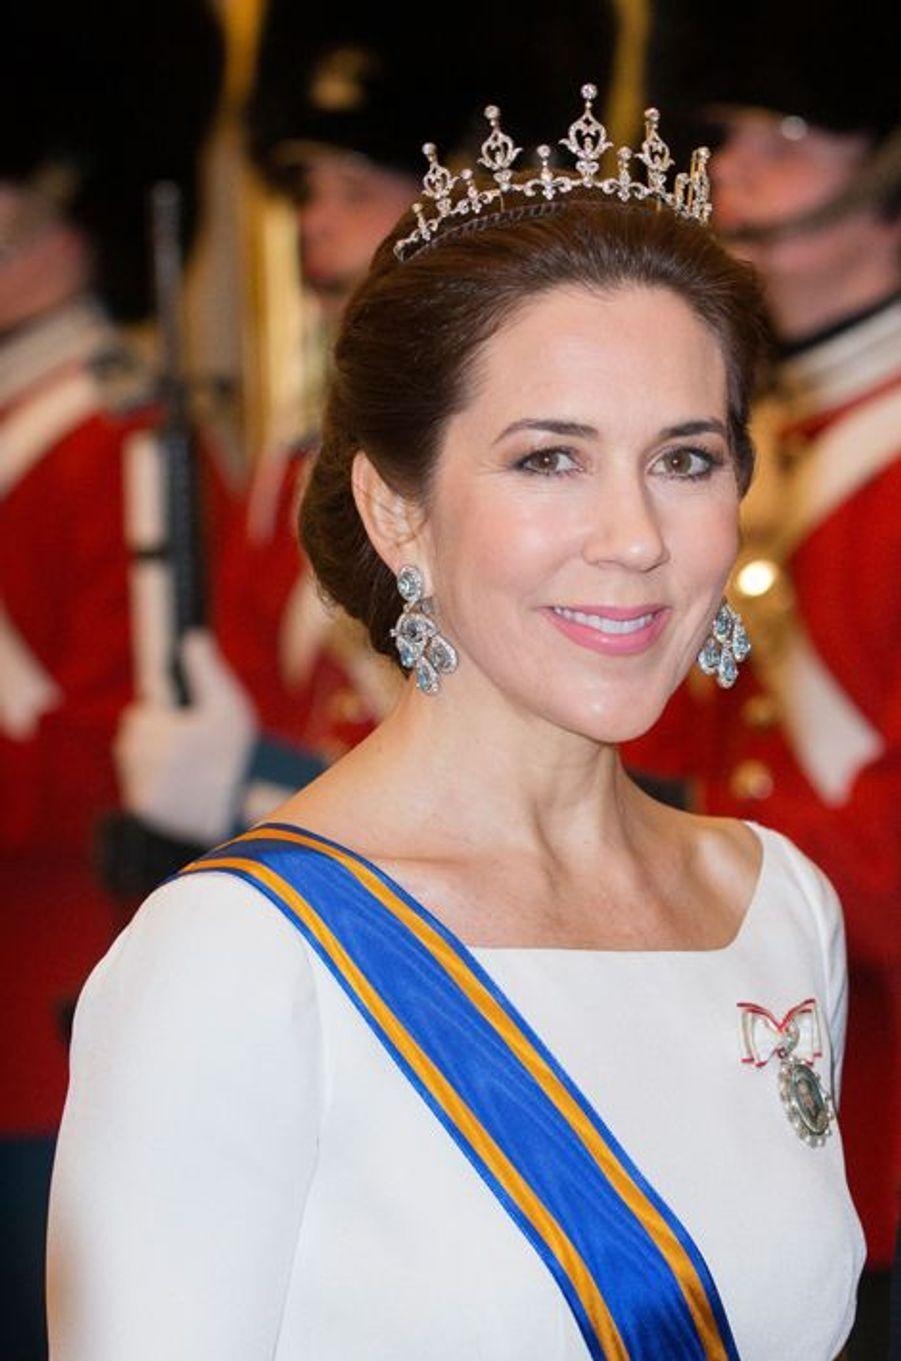 La princesse Mary de Danemark à Copenhague, le 17 mars 2015